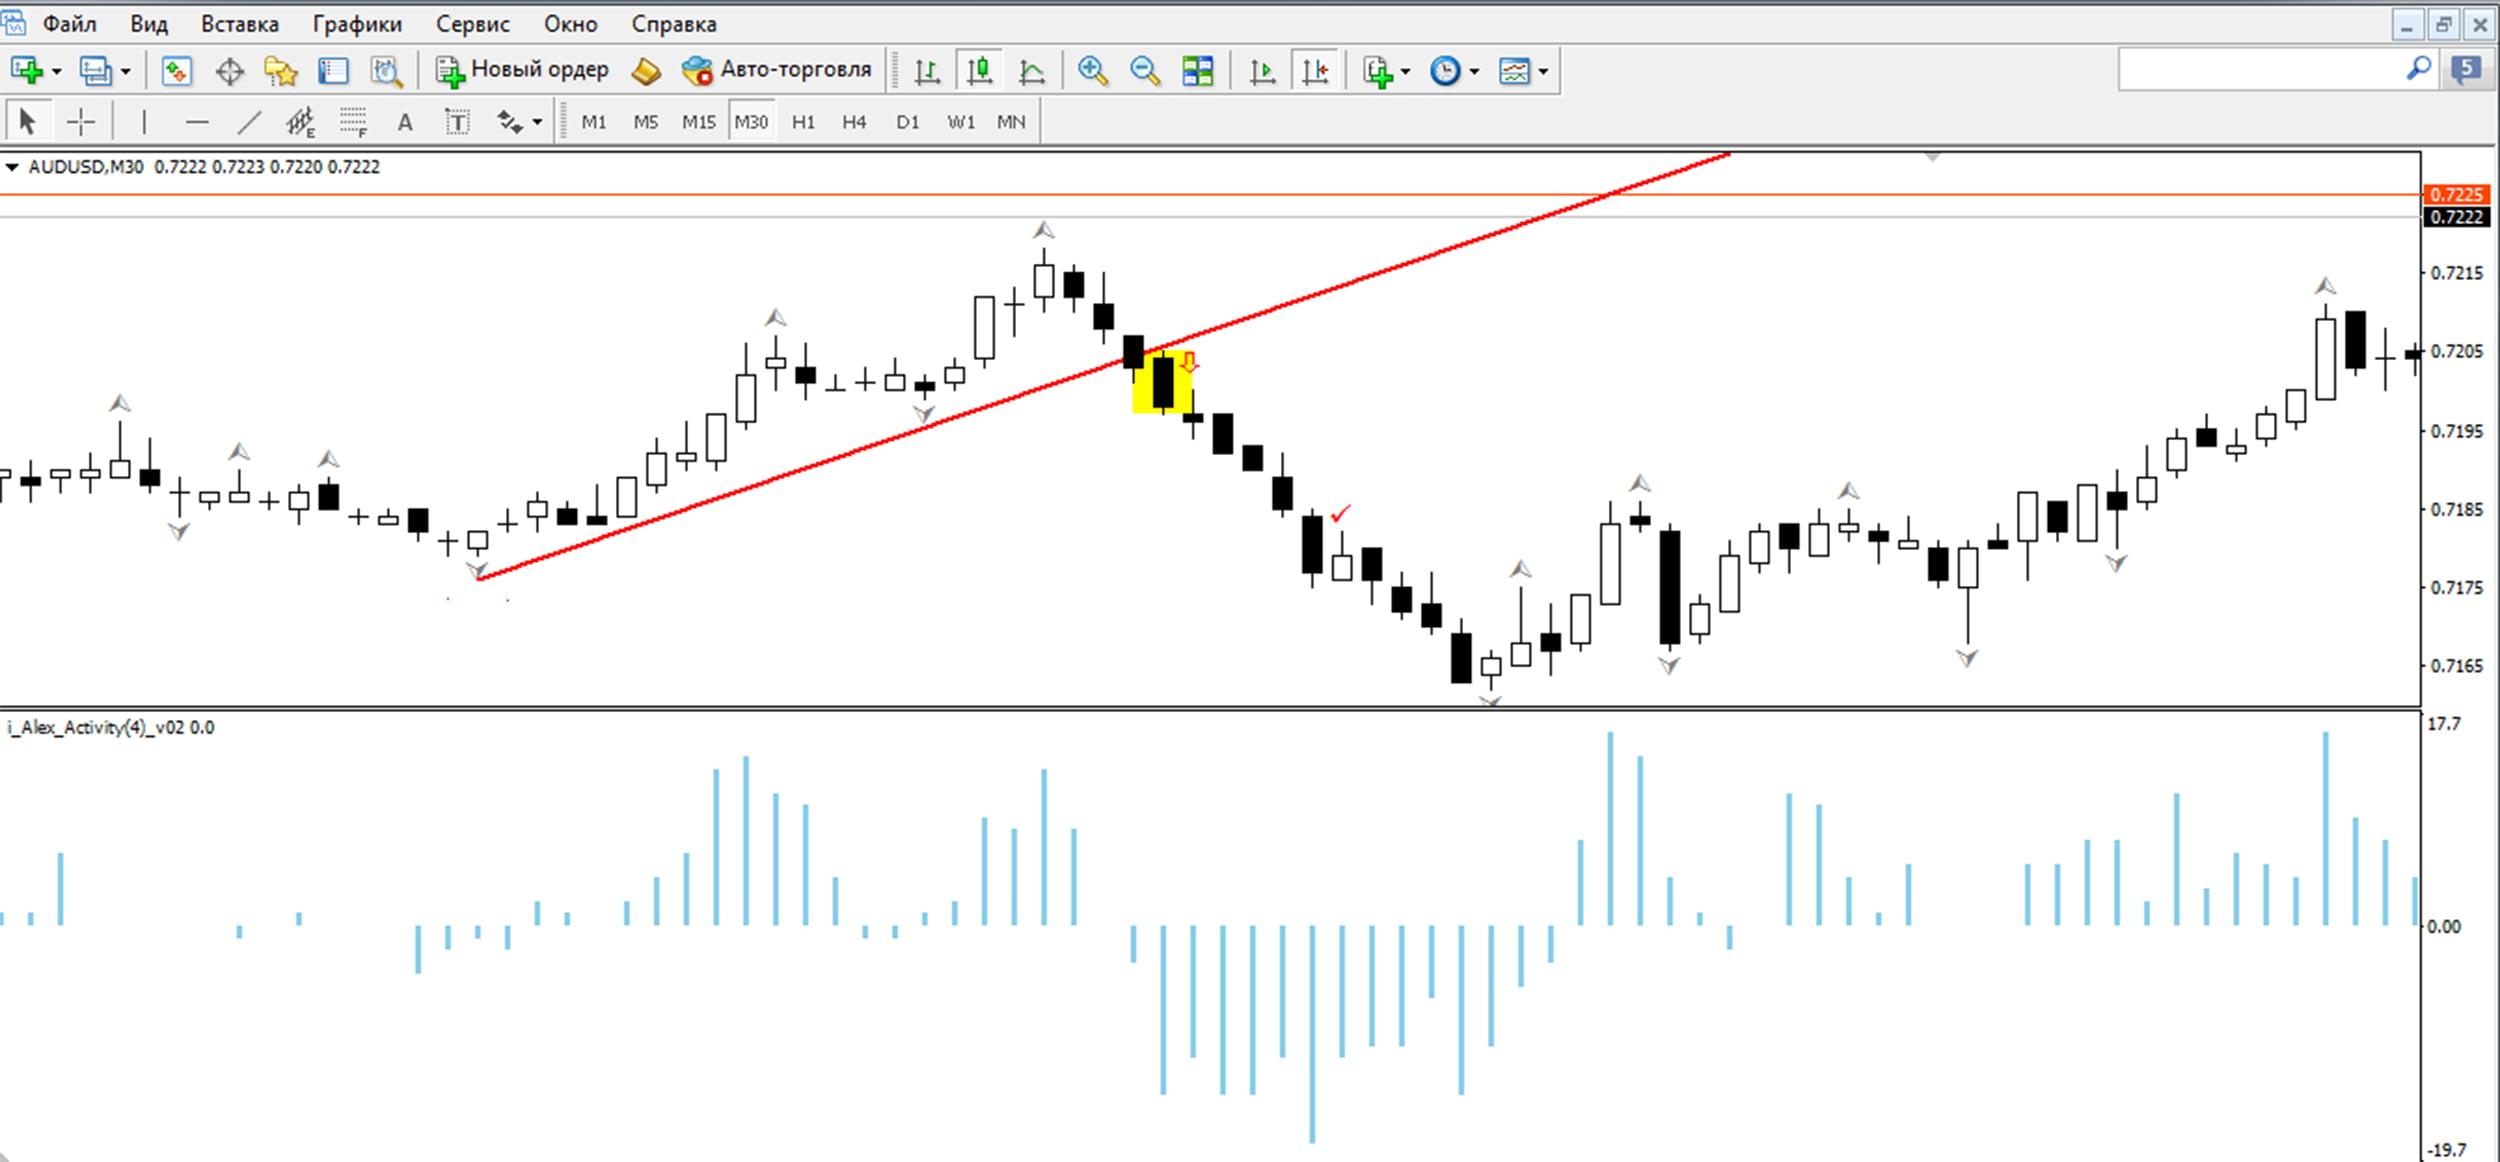 Форекс стратегия поплавок акции татнефть стоимость сегодня